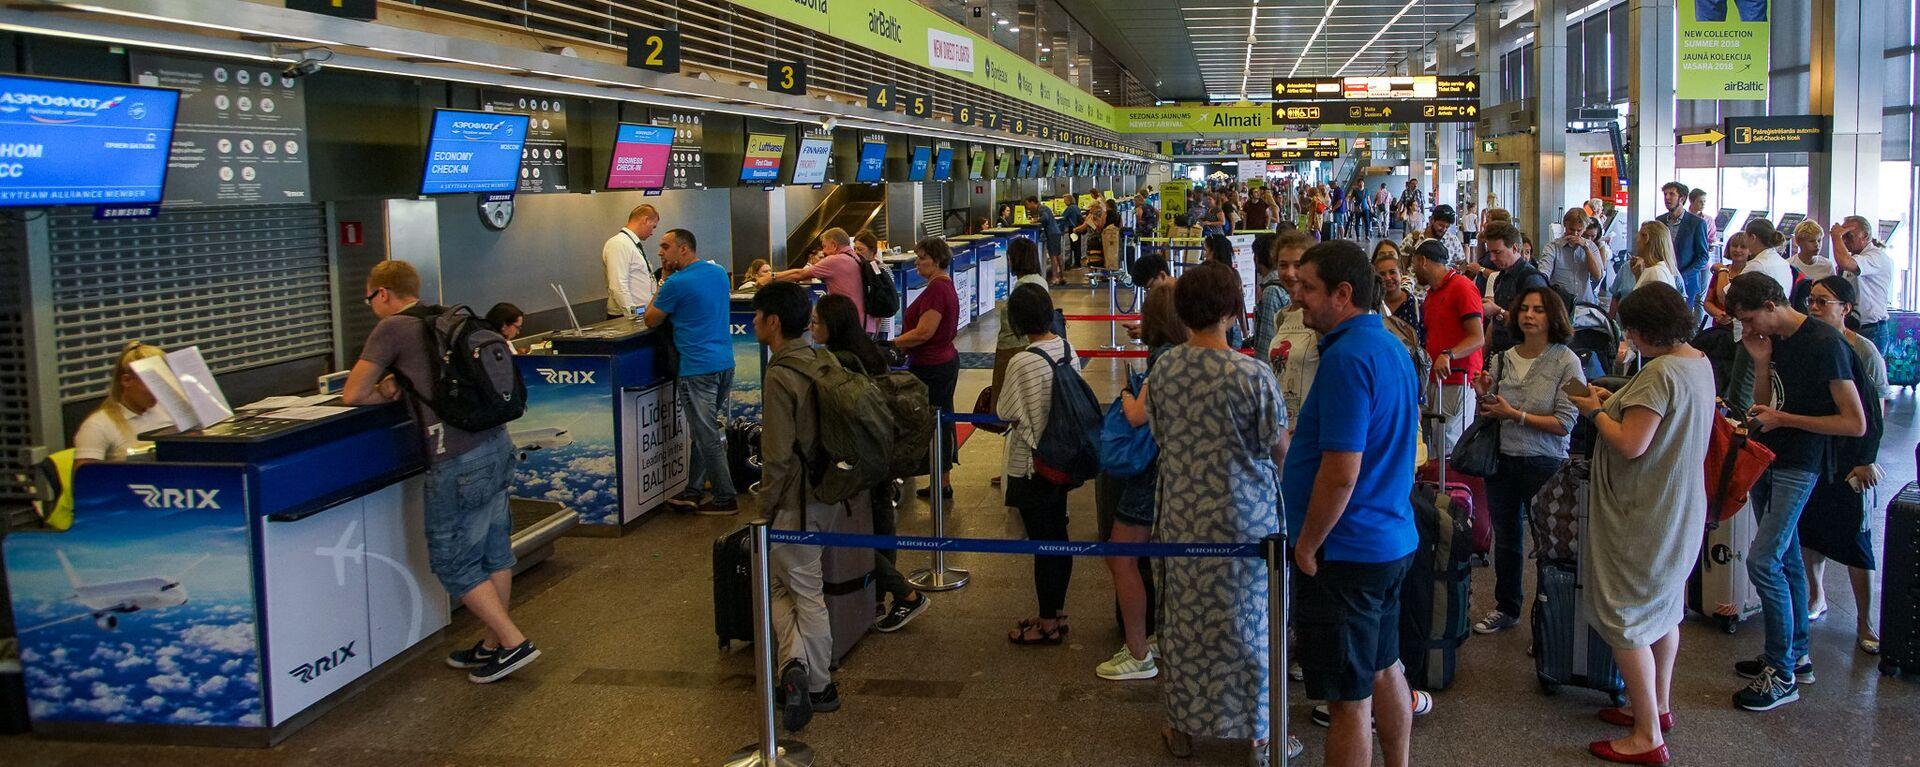 Пассажиры на регистрации в аэропорту Рига - Sputnik Латвия, 1920, 27.06.2019